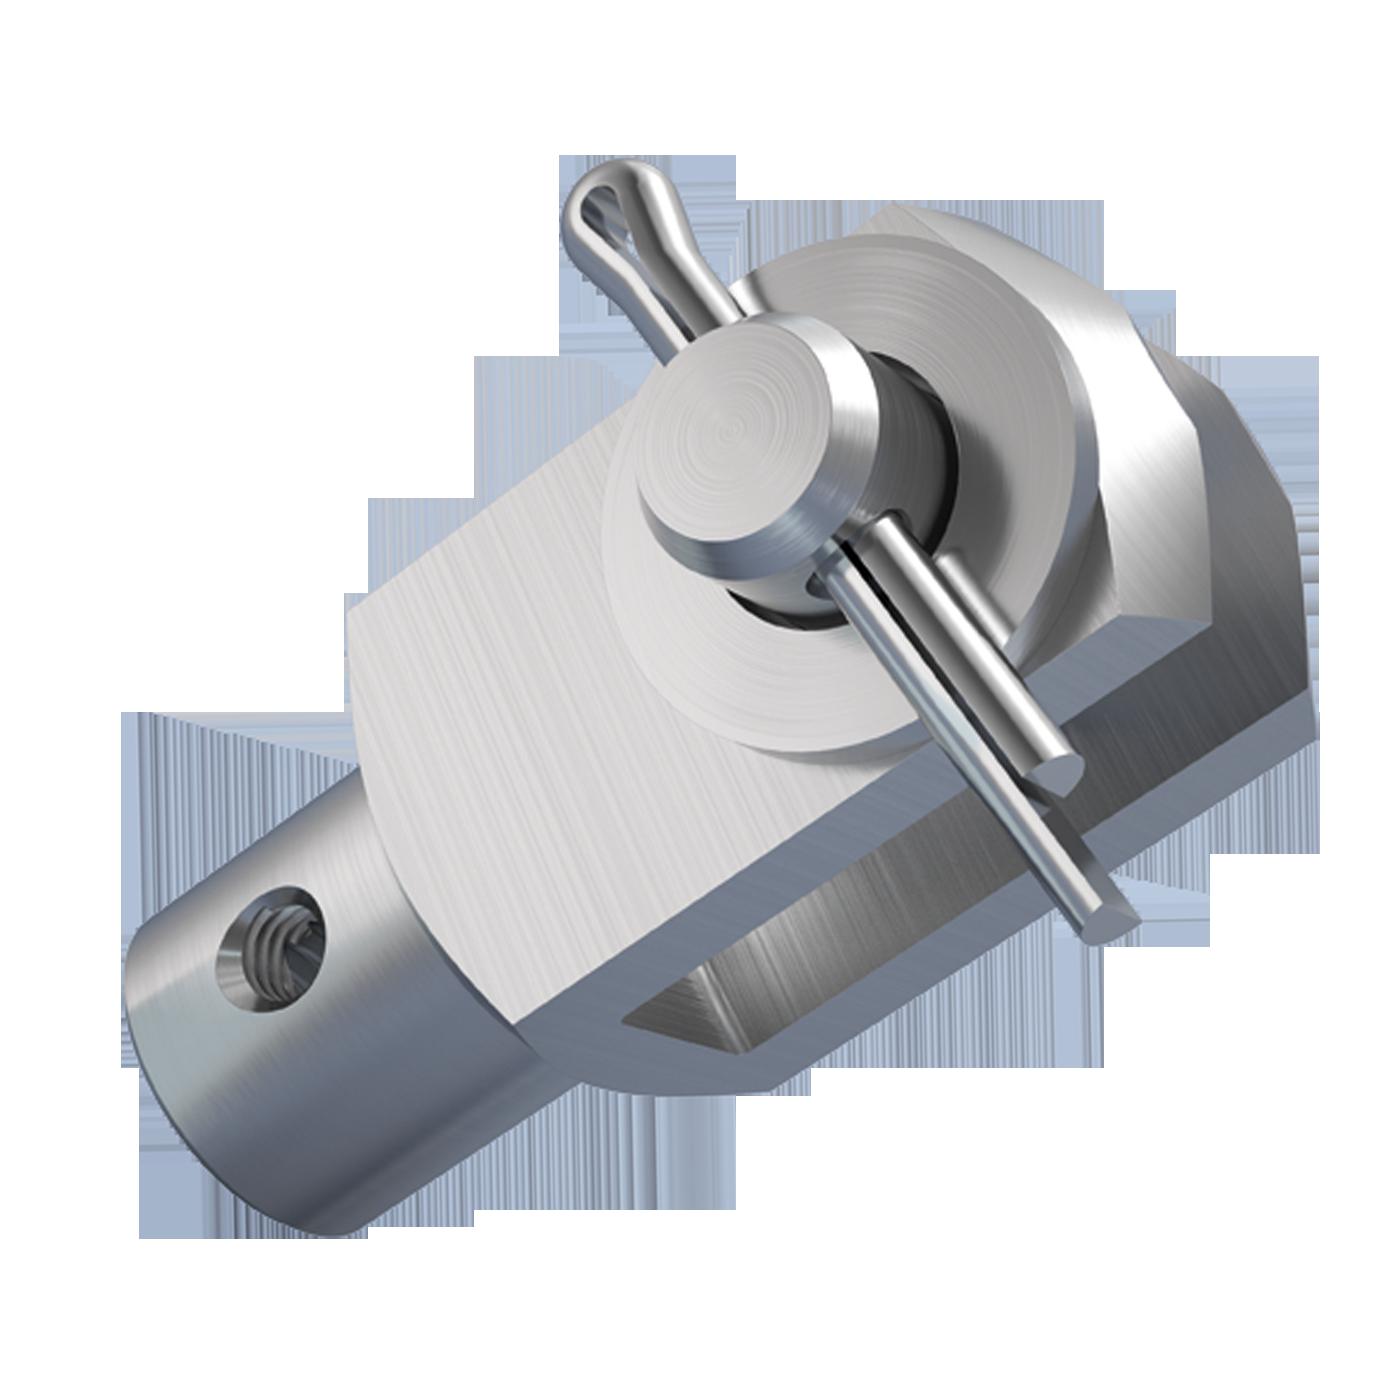 mbo Oßwald ist Hersteller von Gabelgelenk mit Zusatzgewinde, Gabelgelenken mit Zusatzgewinde in Ausführung als A-Gelenk, A-Gelenken, für Verdrehsicherung, ähnlich DIN 71751, montiert, bestehend aus Gabelkopf mit Zusatzgewinde, Gabelköpfe mit Zusatzgewinde, Gabelkoepfe mit Zusatzgewinde, ähnlich DIN 71752, DIN ISO 8140, CETOP RP102P und Bolzen mit Splintloch, Scheiben DIN 125 und Splinte DIN 94. Wir fertigen diese aus Stahl 1.0718 und Edelstahl 1.4305 und A4-Qualität 1.4404.